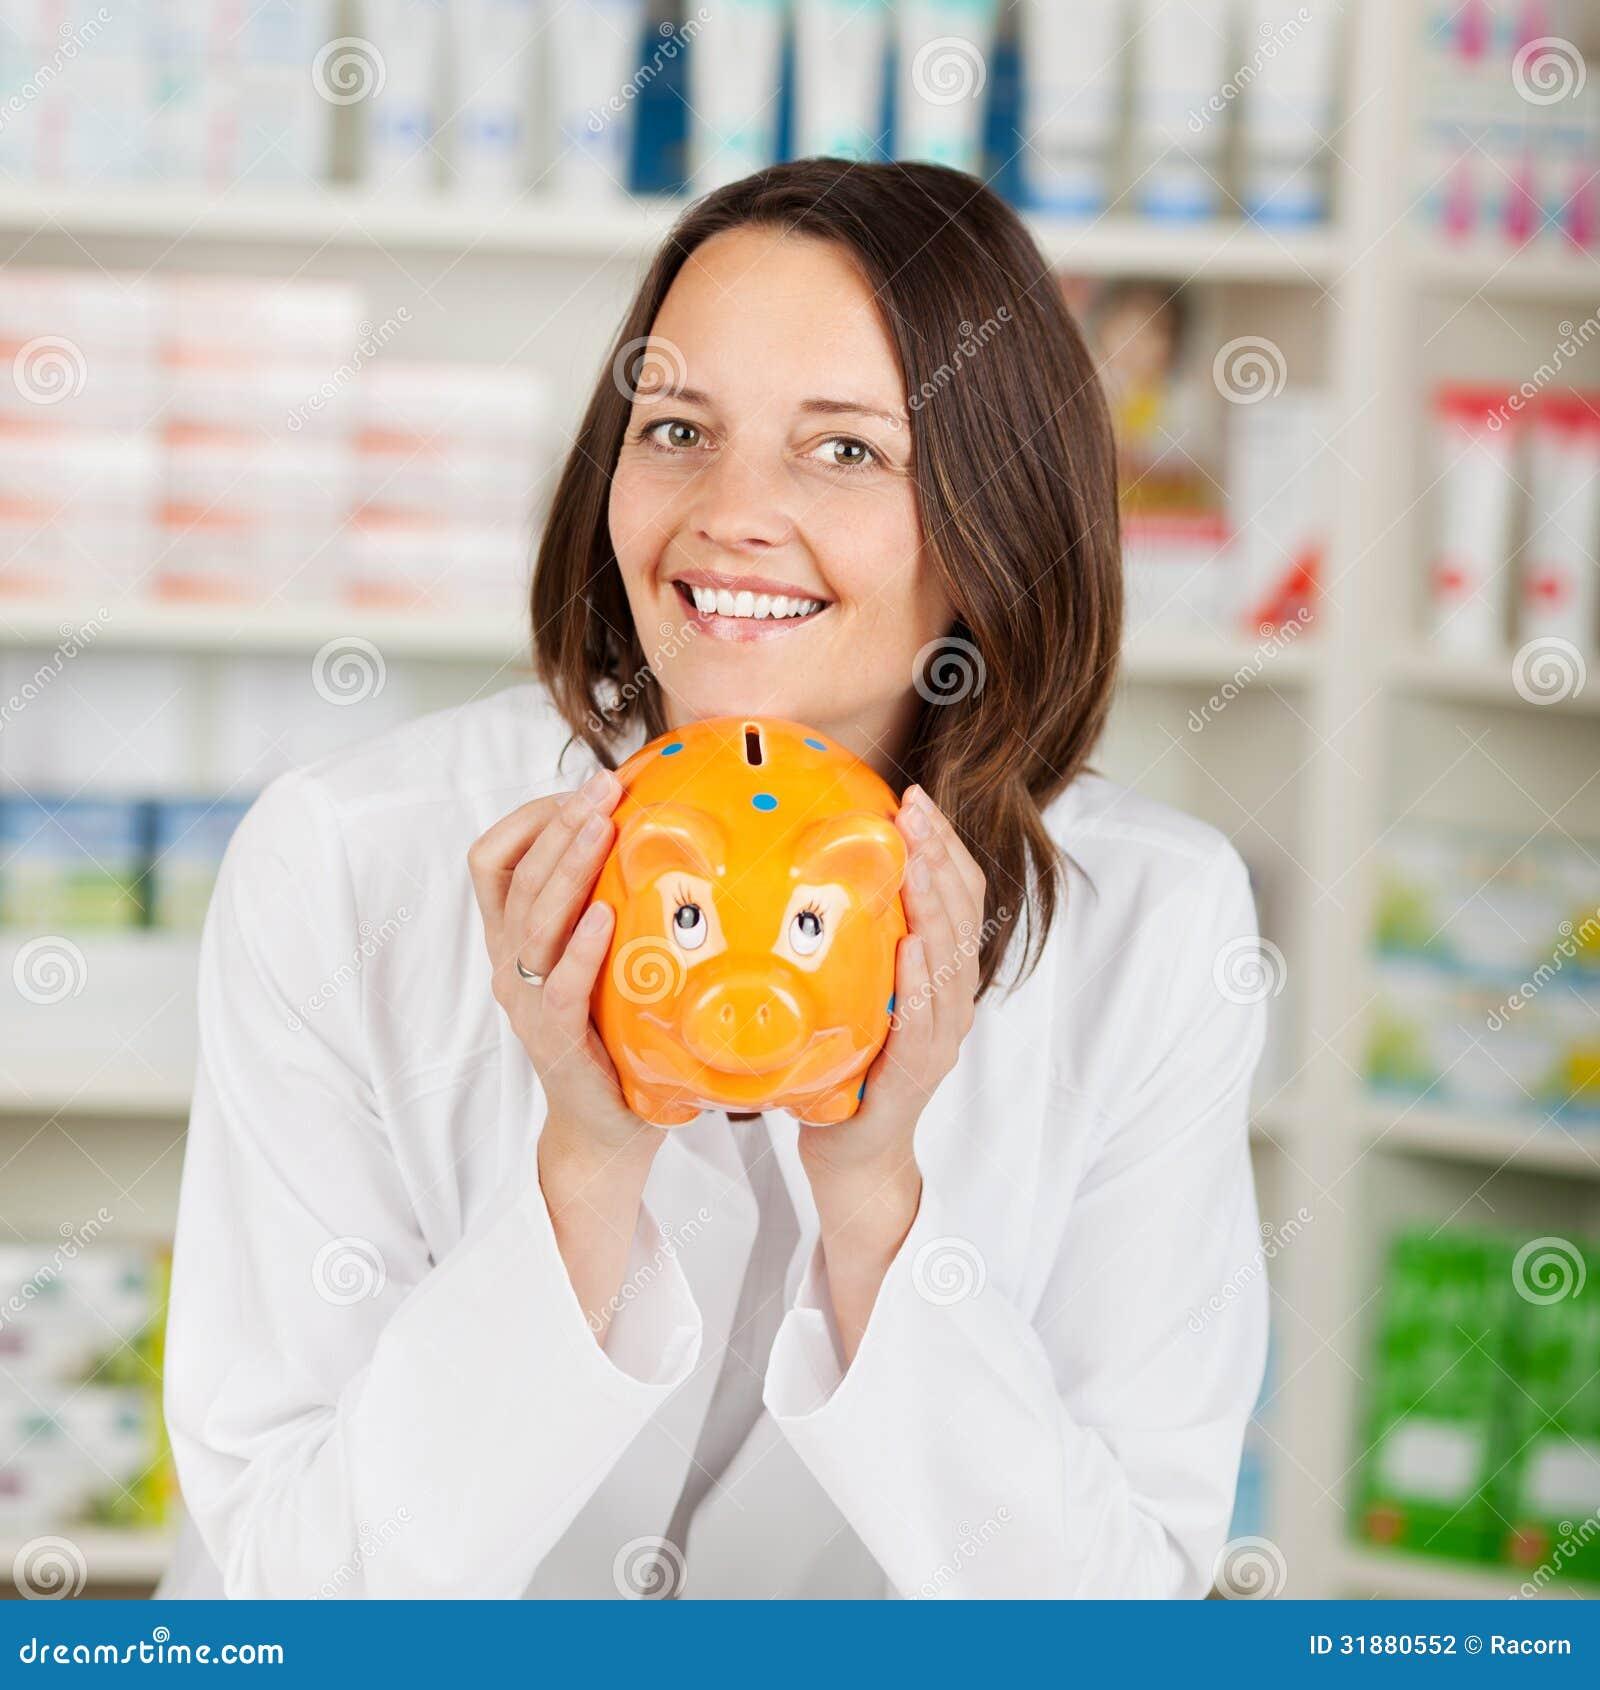 Εκμετάλλευση Piggybank φαρμακοποιών στο φαρμακείο